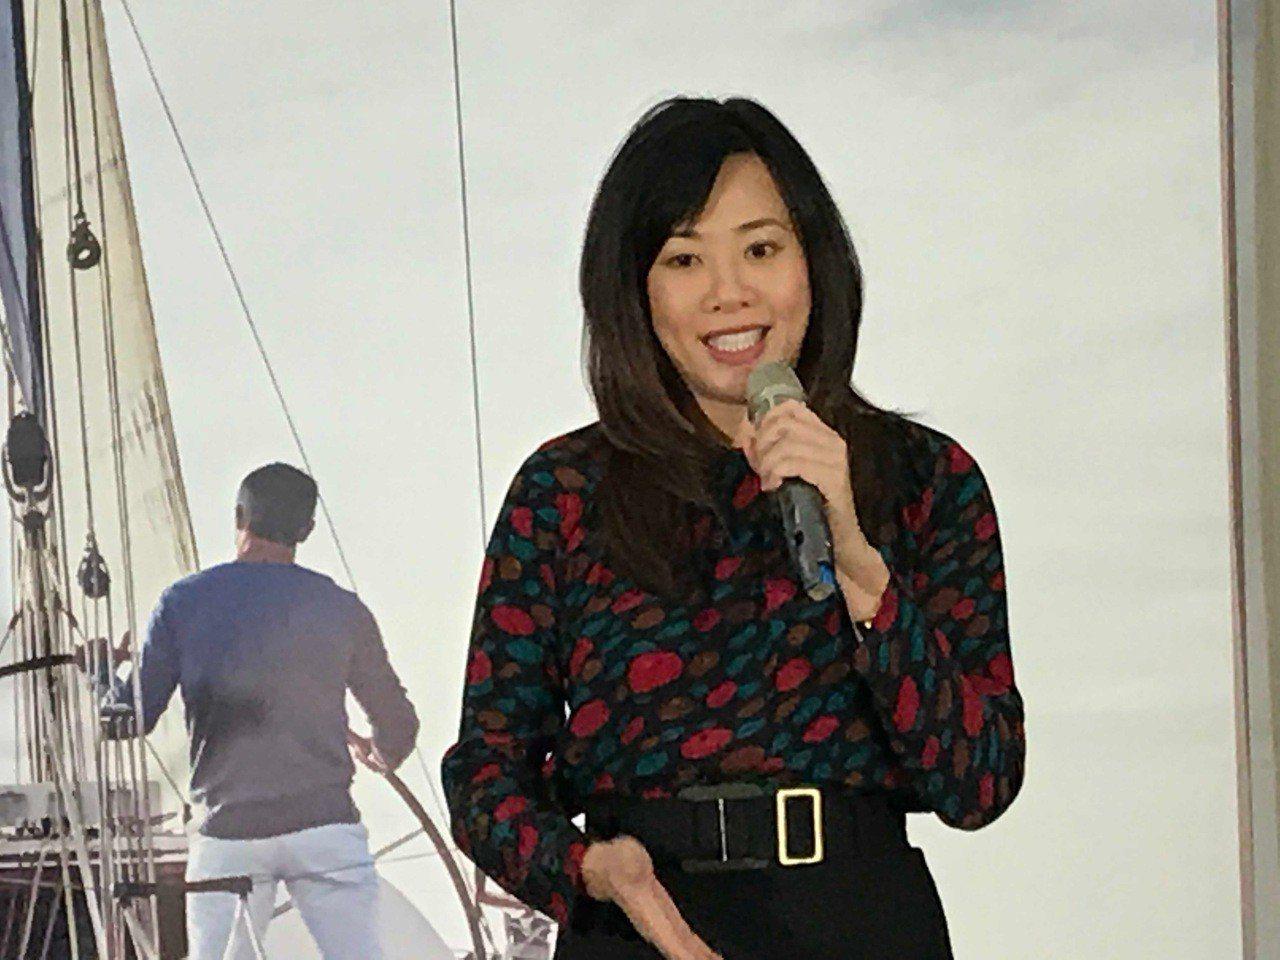 新光人壽副總吳欣盈出席「新光極享俱樂部」記者會。記者陳怡慈/攝影